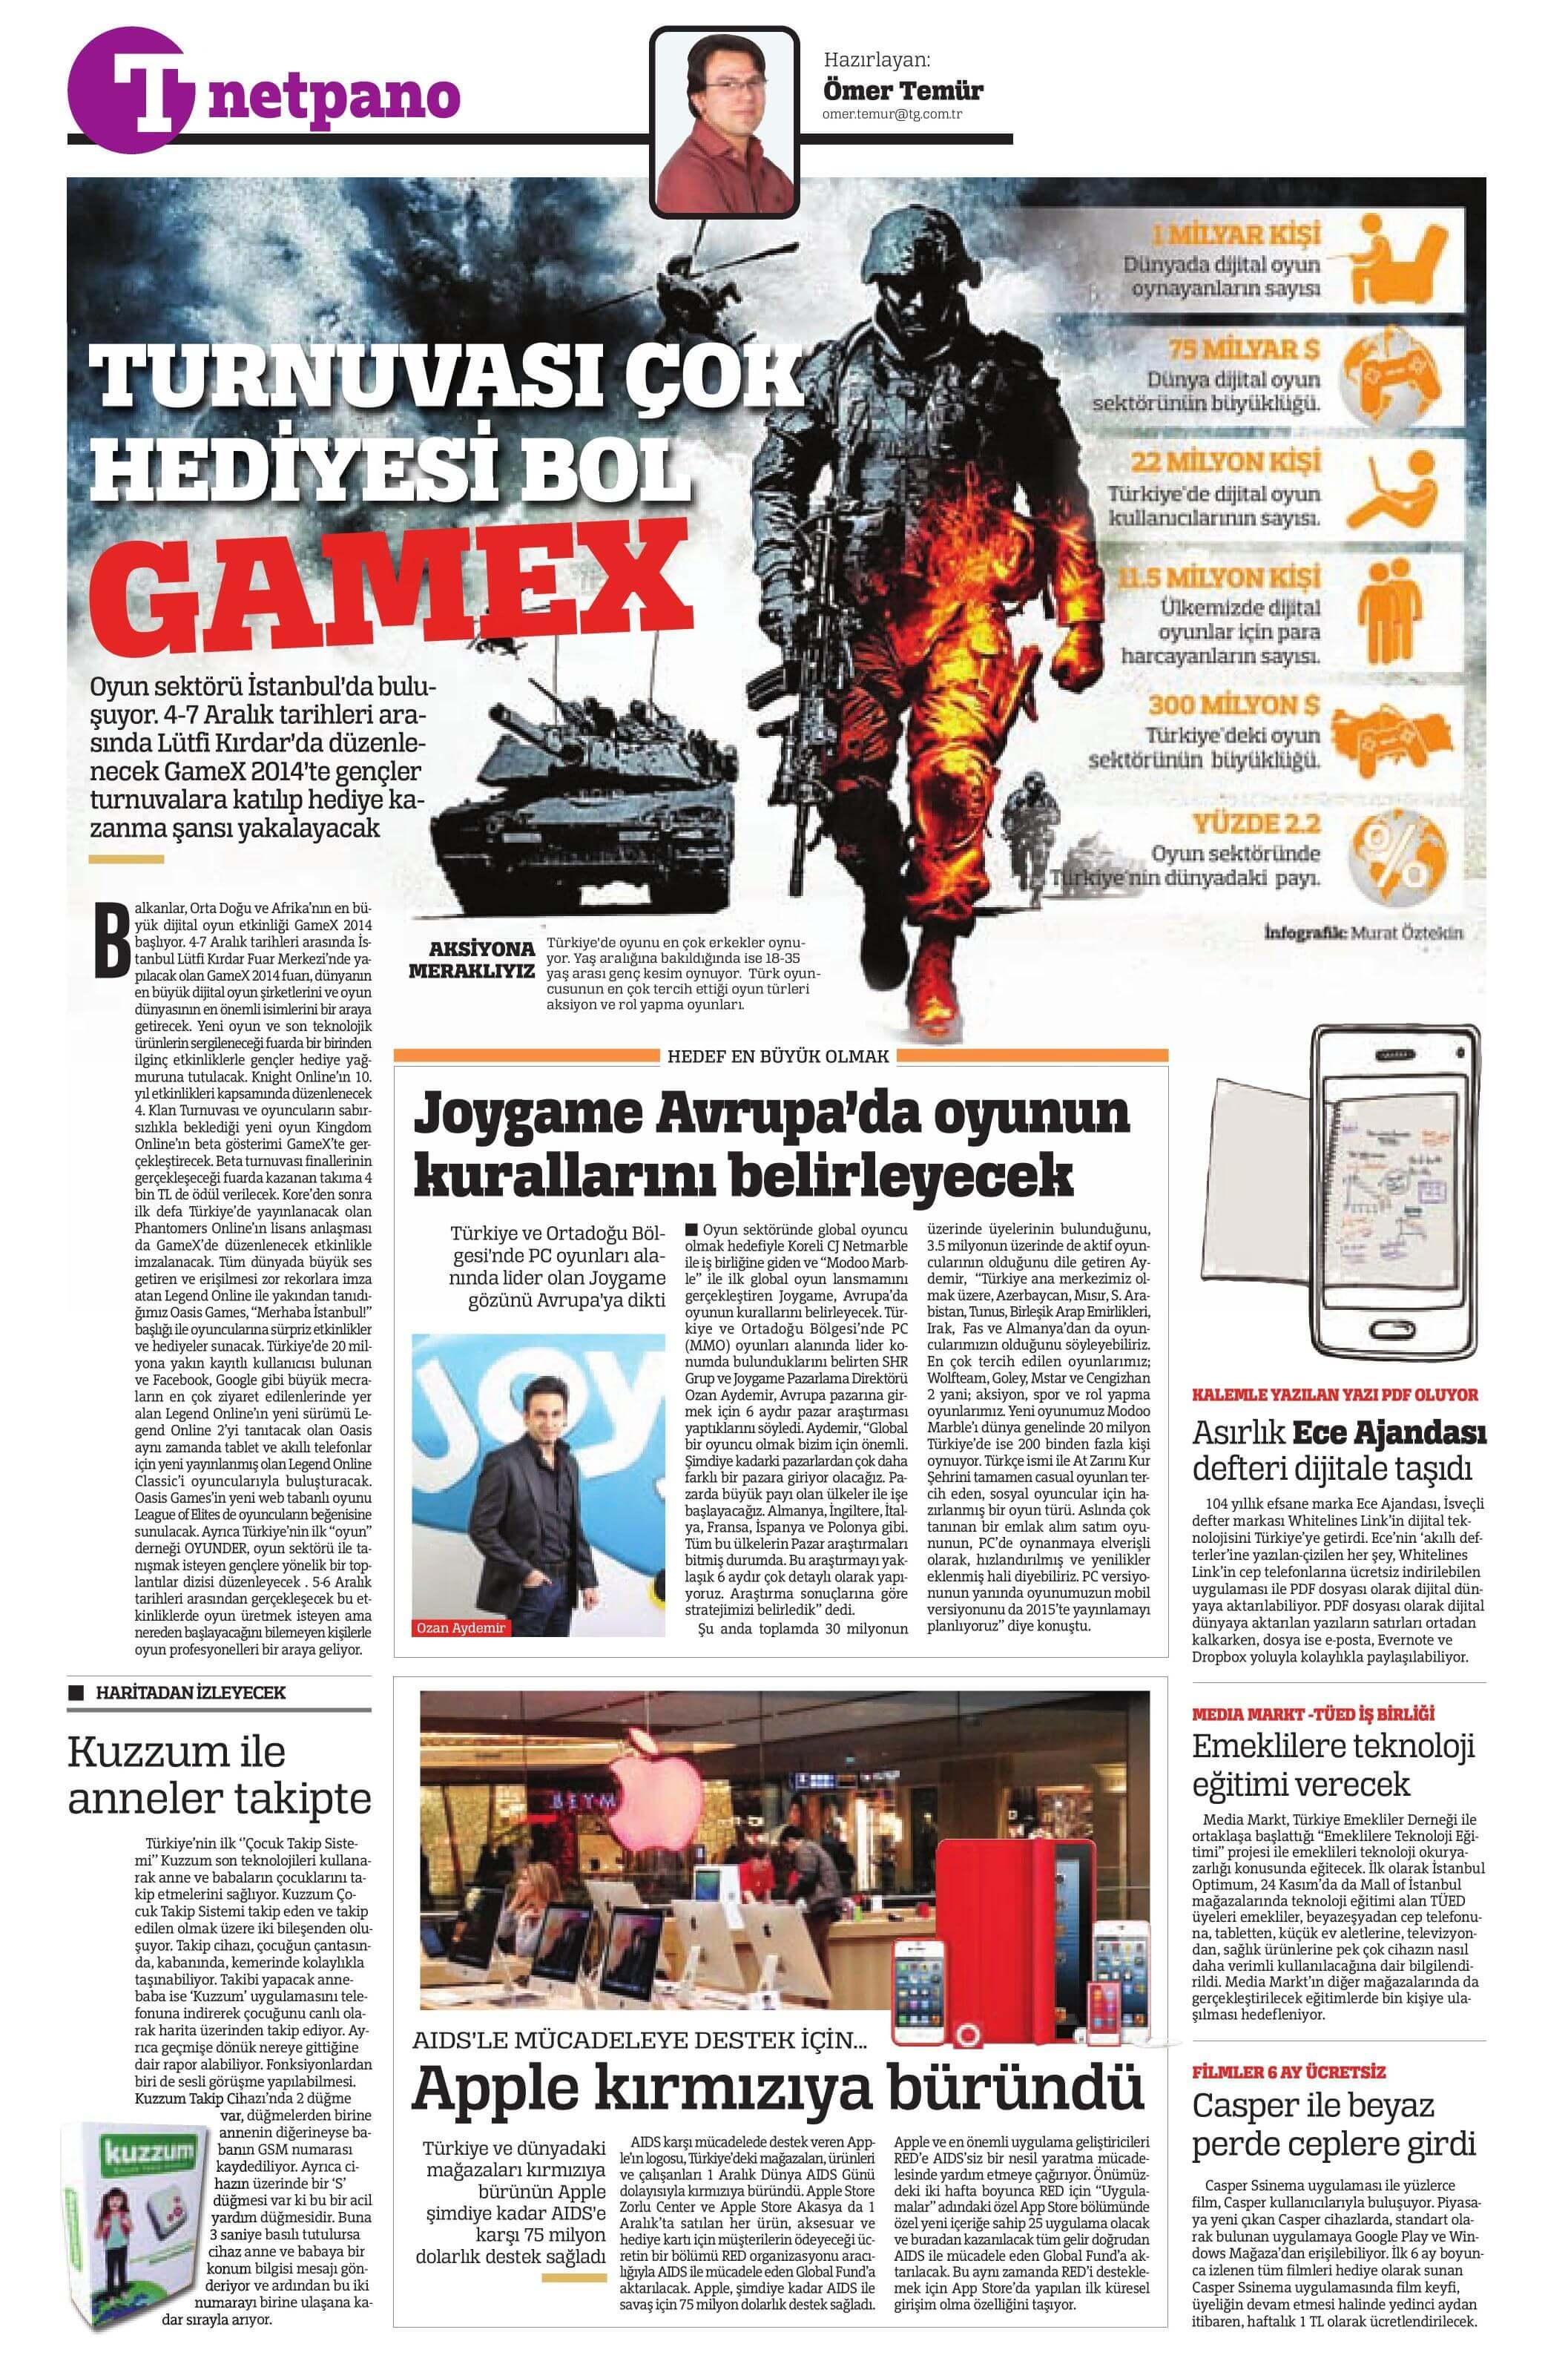 joygame basin yansimalari turkiye 2014